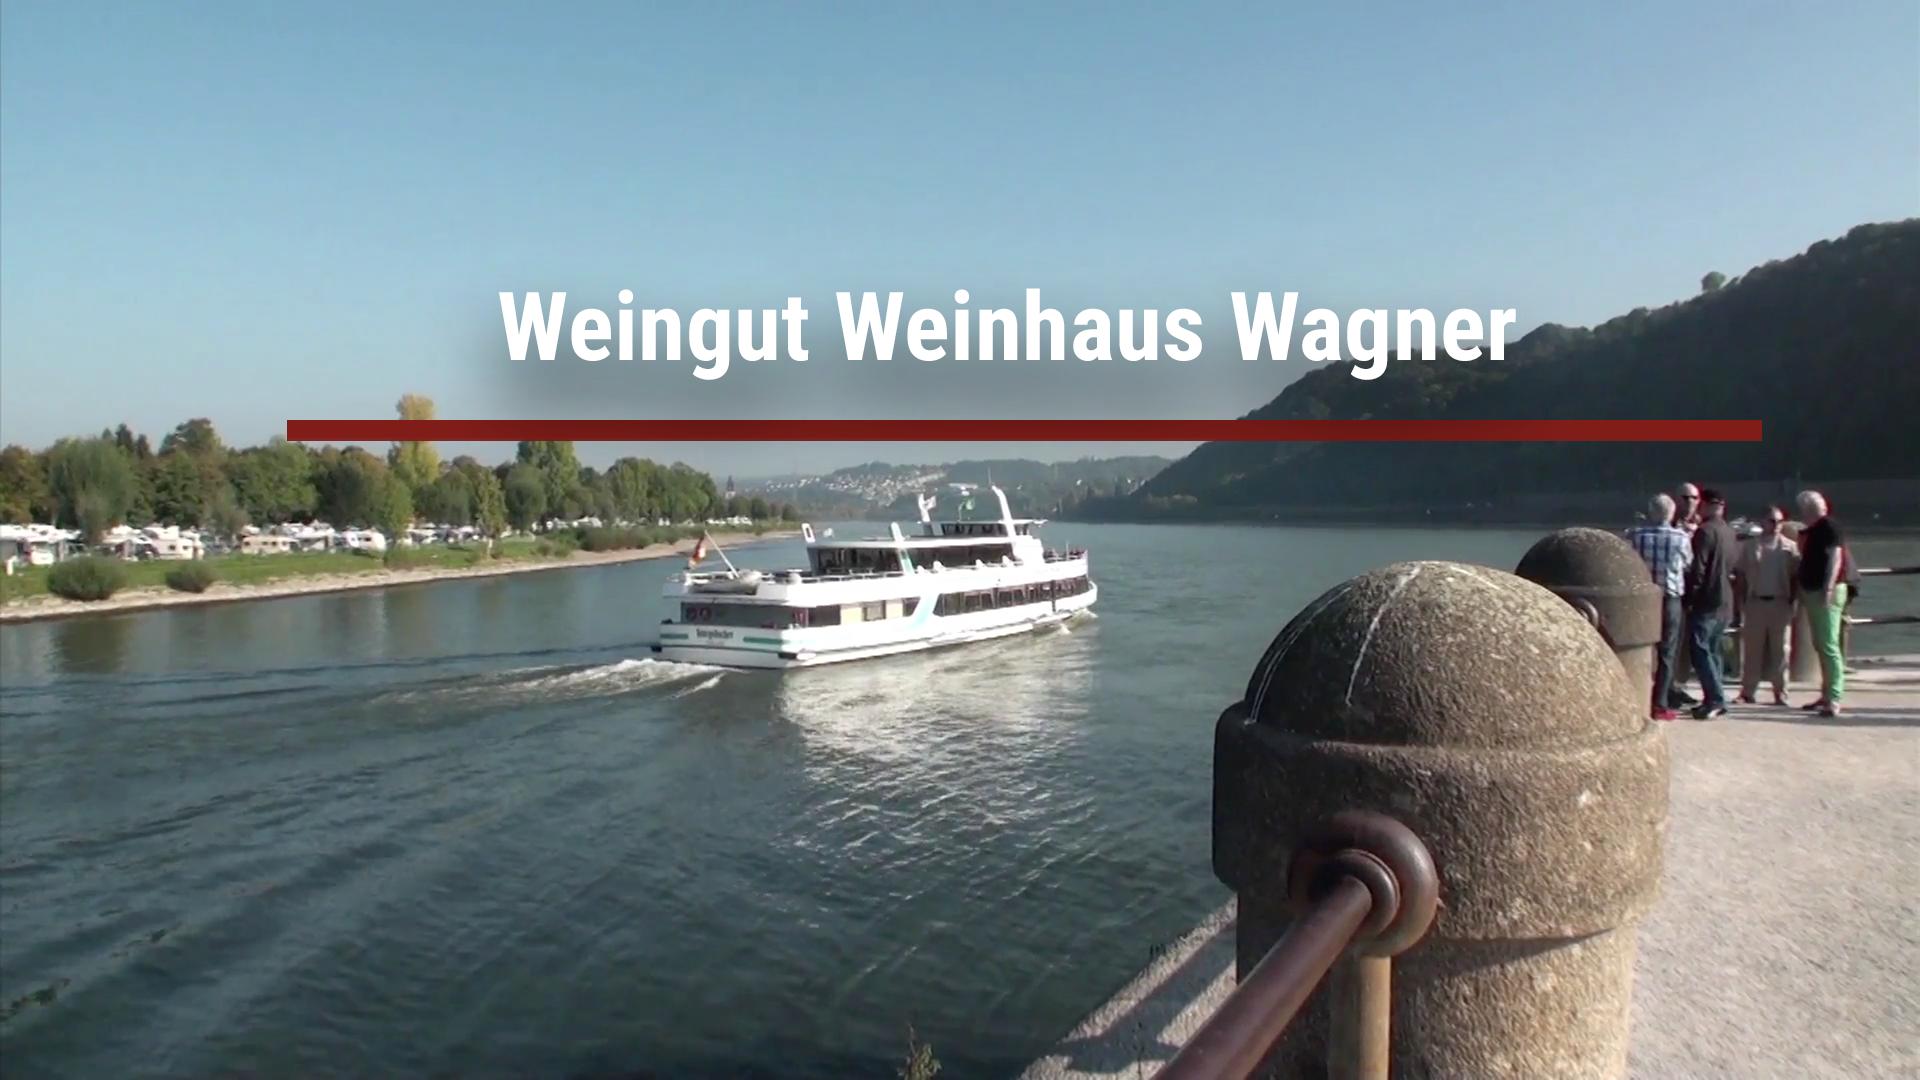 Weingut Weinhaus Wagner